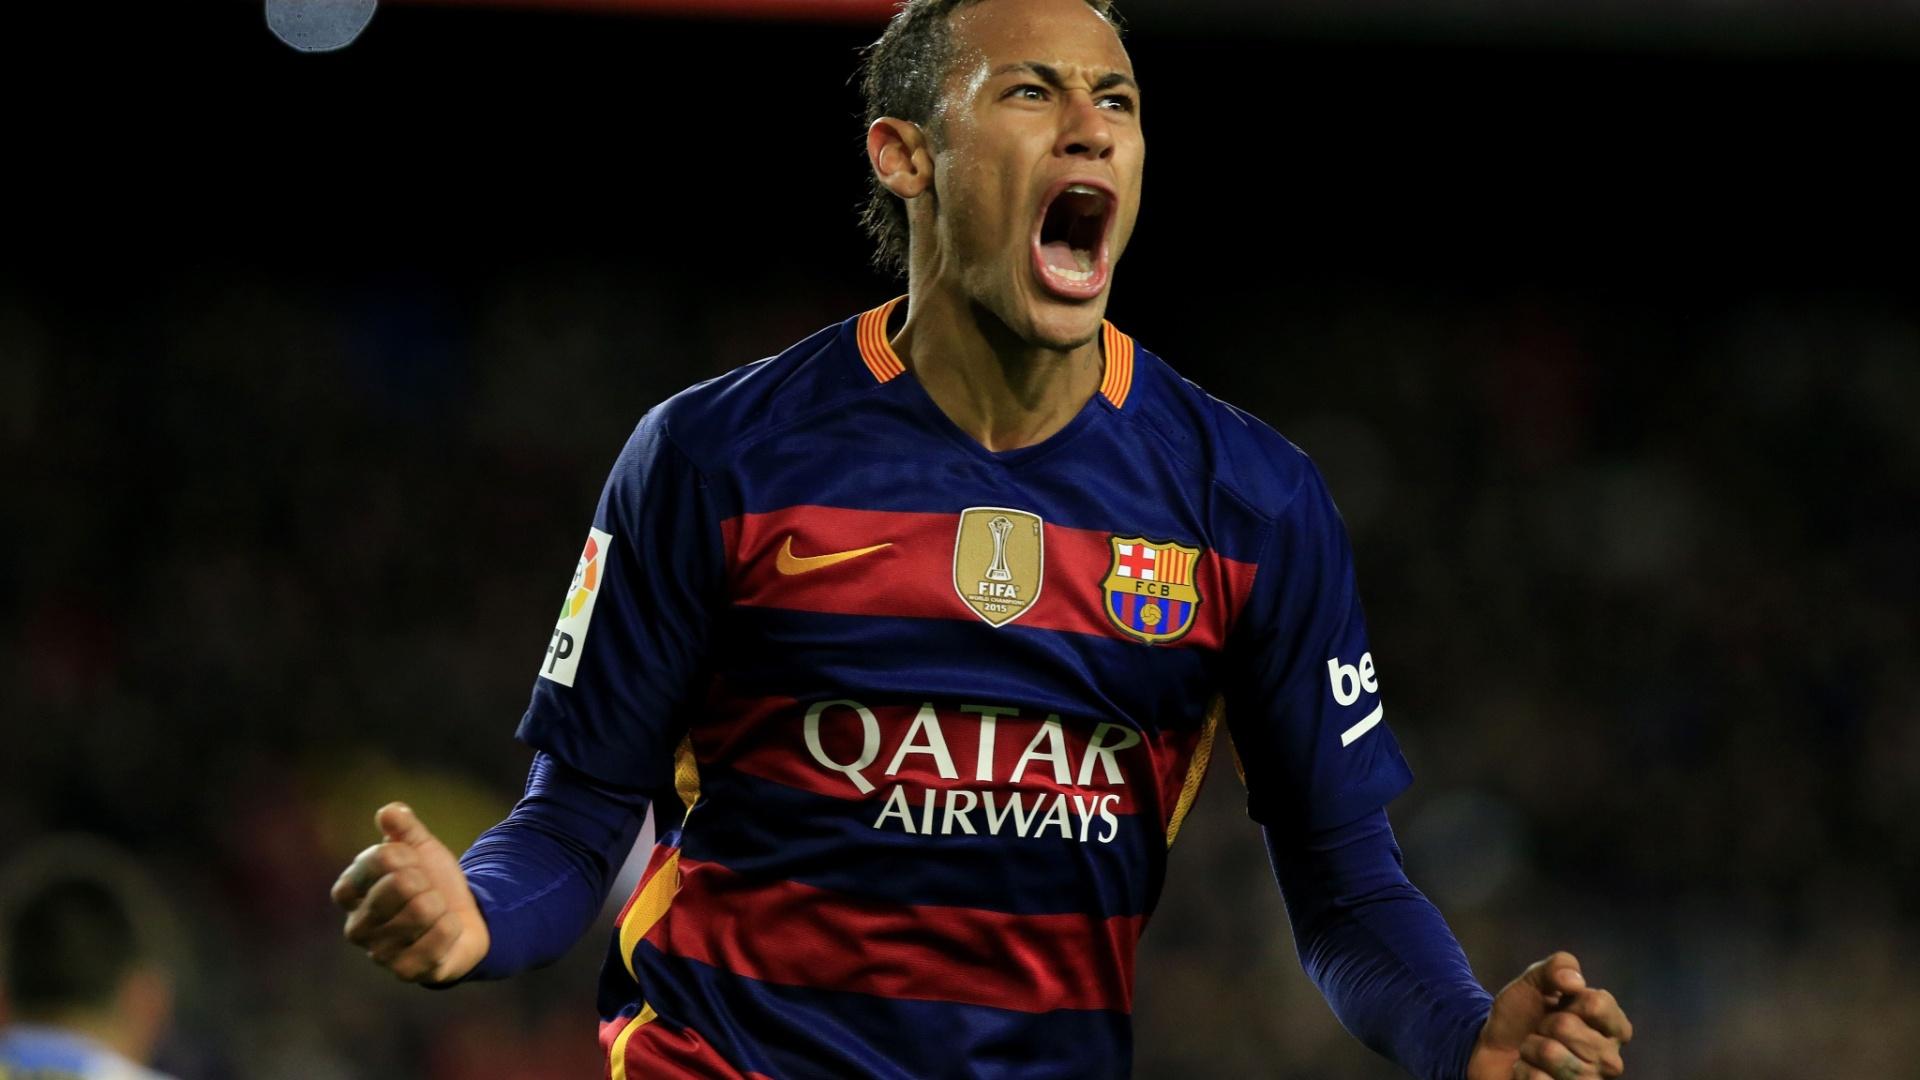 Neymar celebra após marcar o quarto gol do Barcelona contra o Espanyol pela Copa do Rei